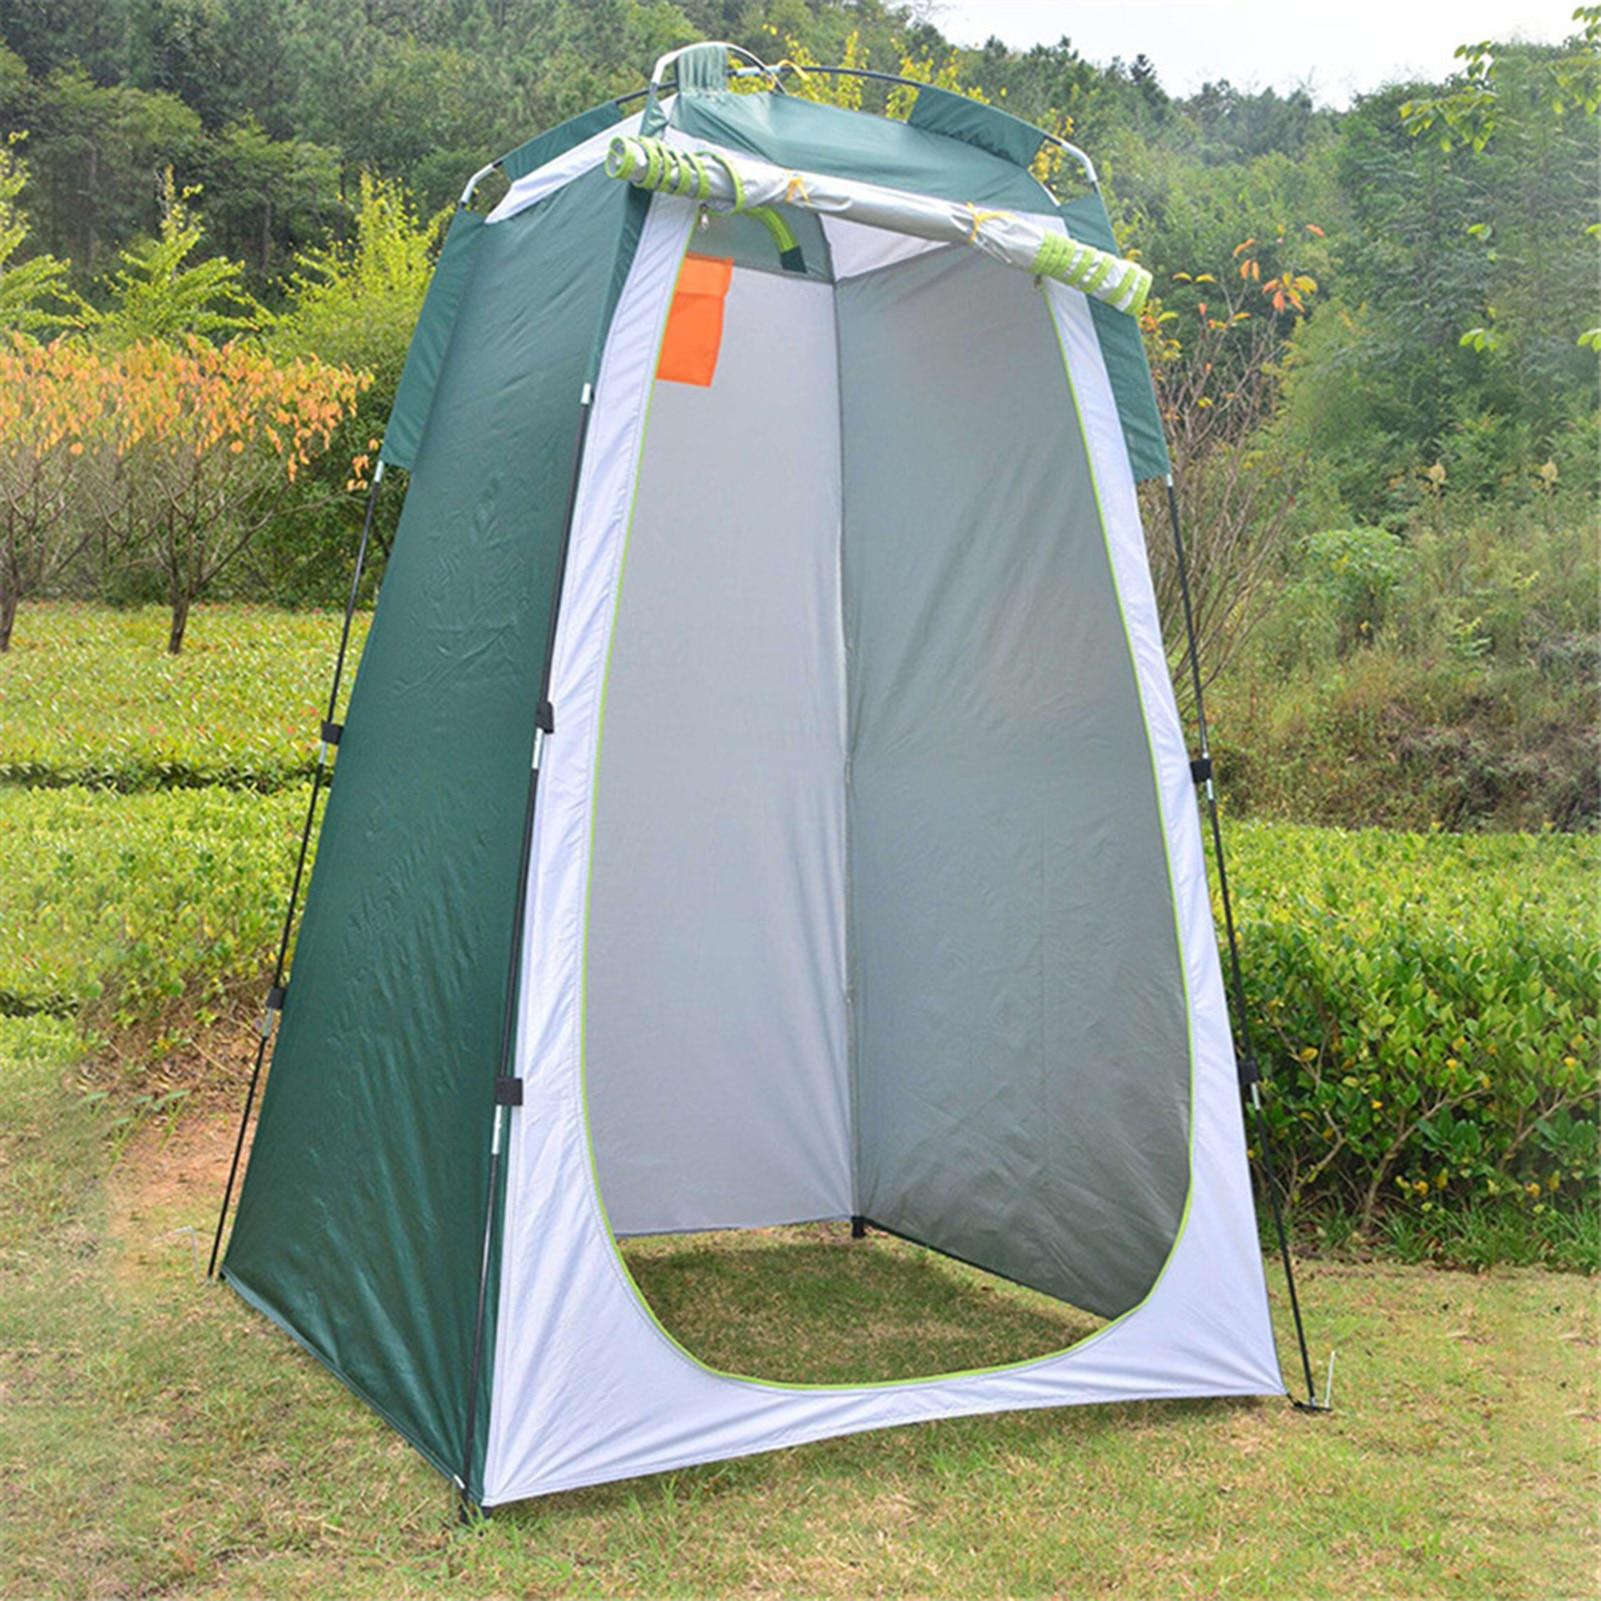 Палатка для душа и туалета, портативная Автоматическая УФ-палатка для отдыха на открытом воздухе, походов, фотосъемки